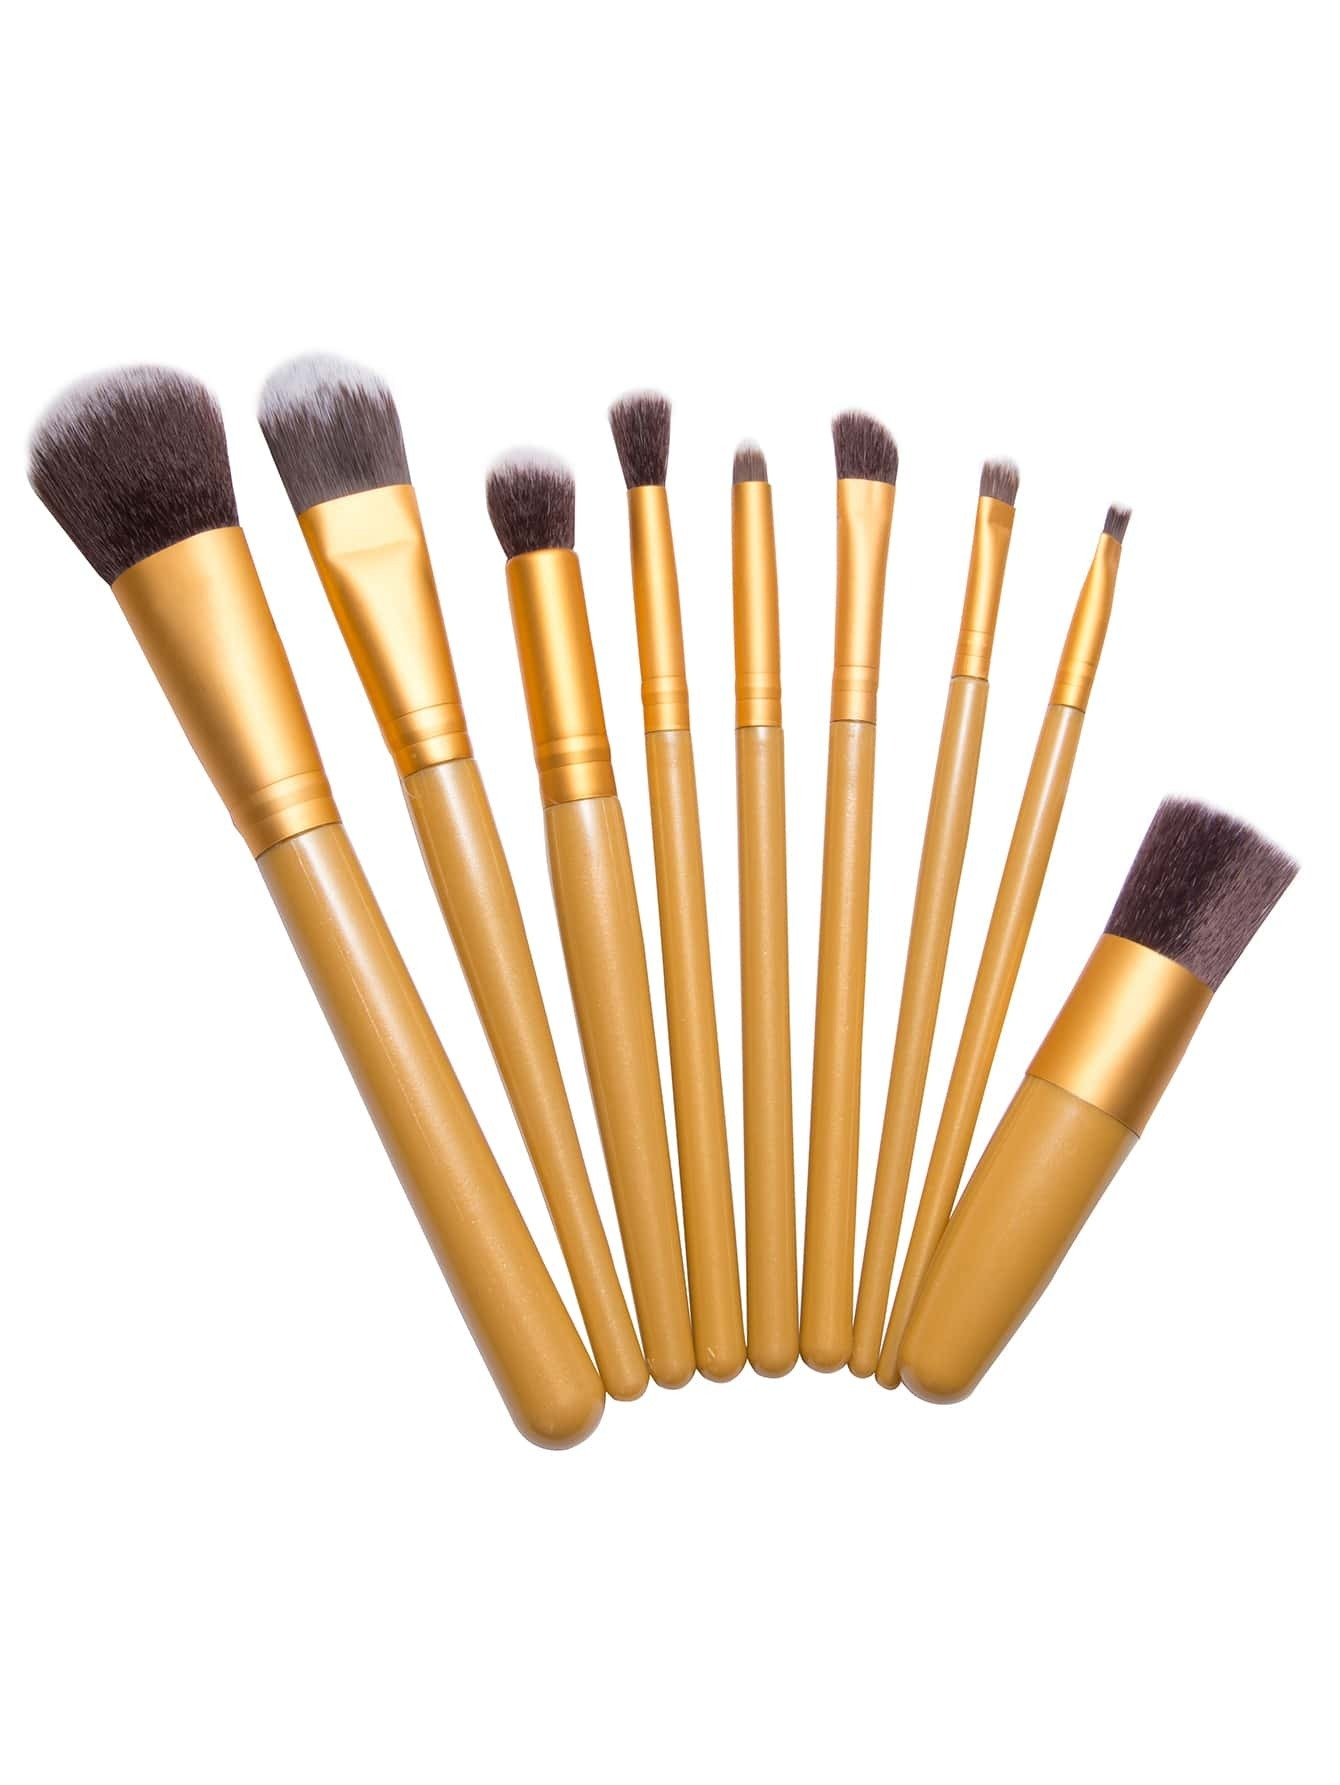 Как сделать кисти для макияжа своими руками